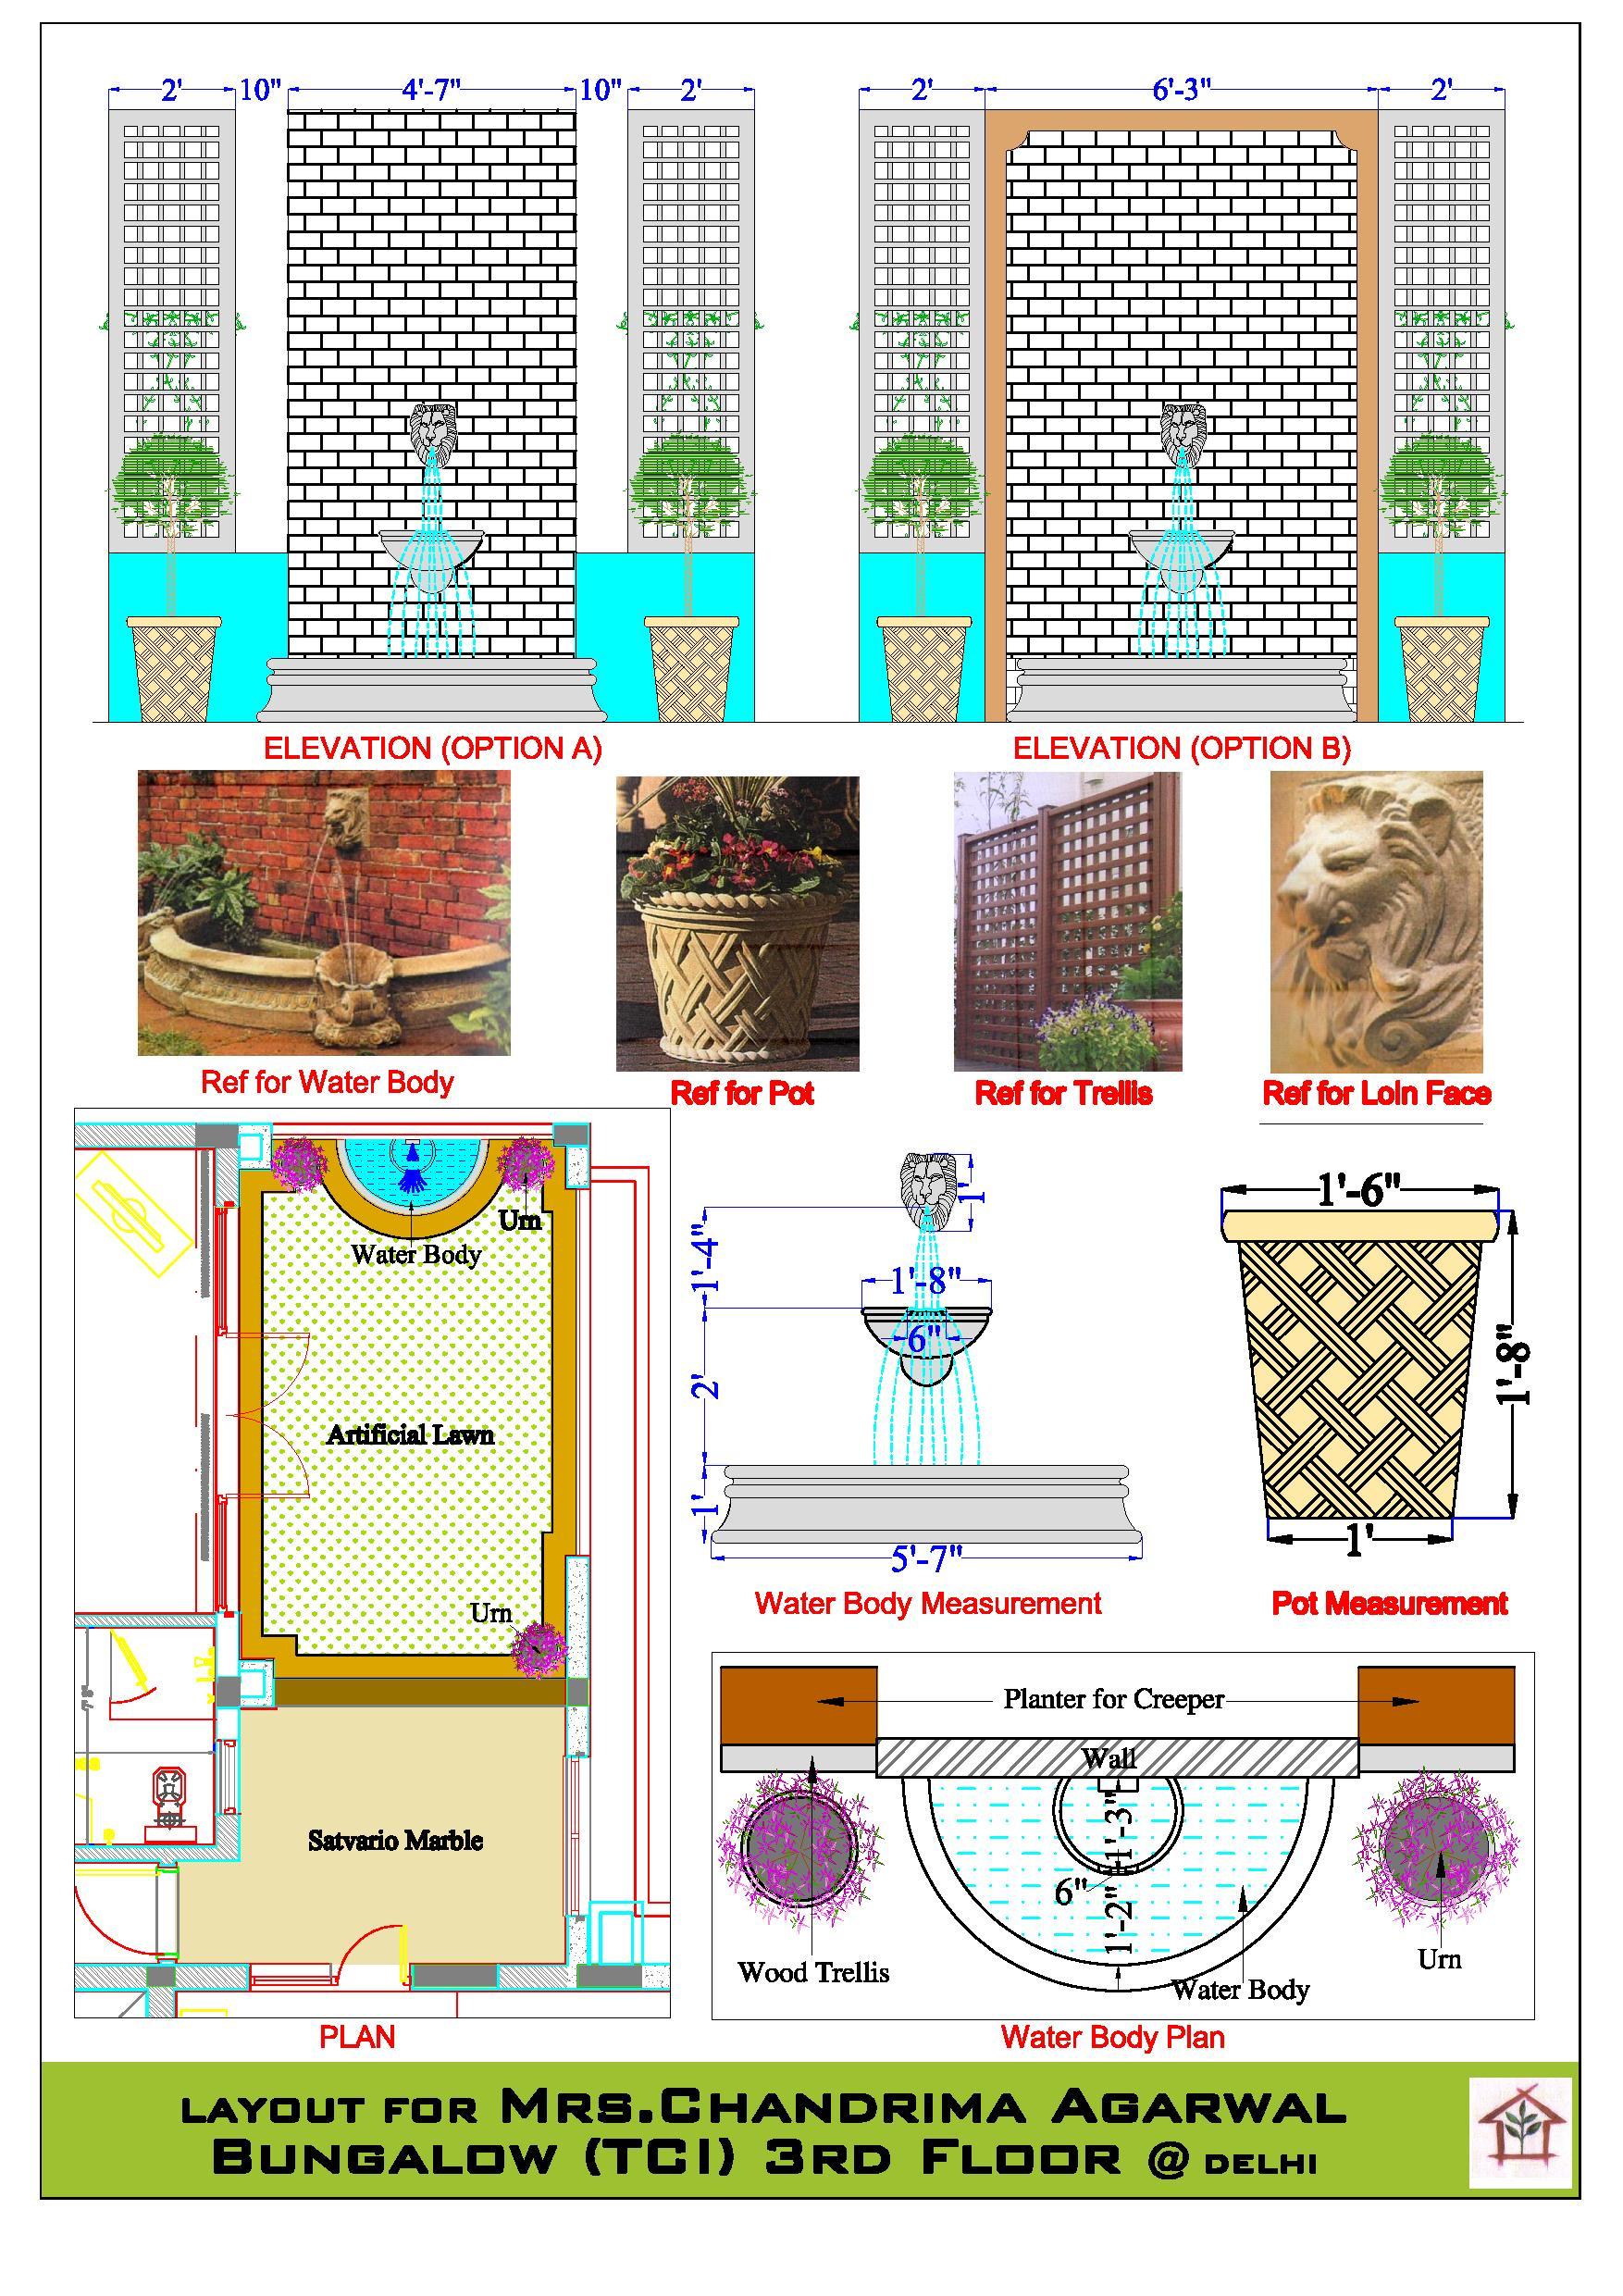 urmila agarwal-page-001.jpg